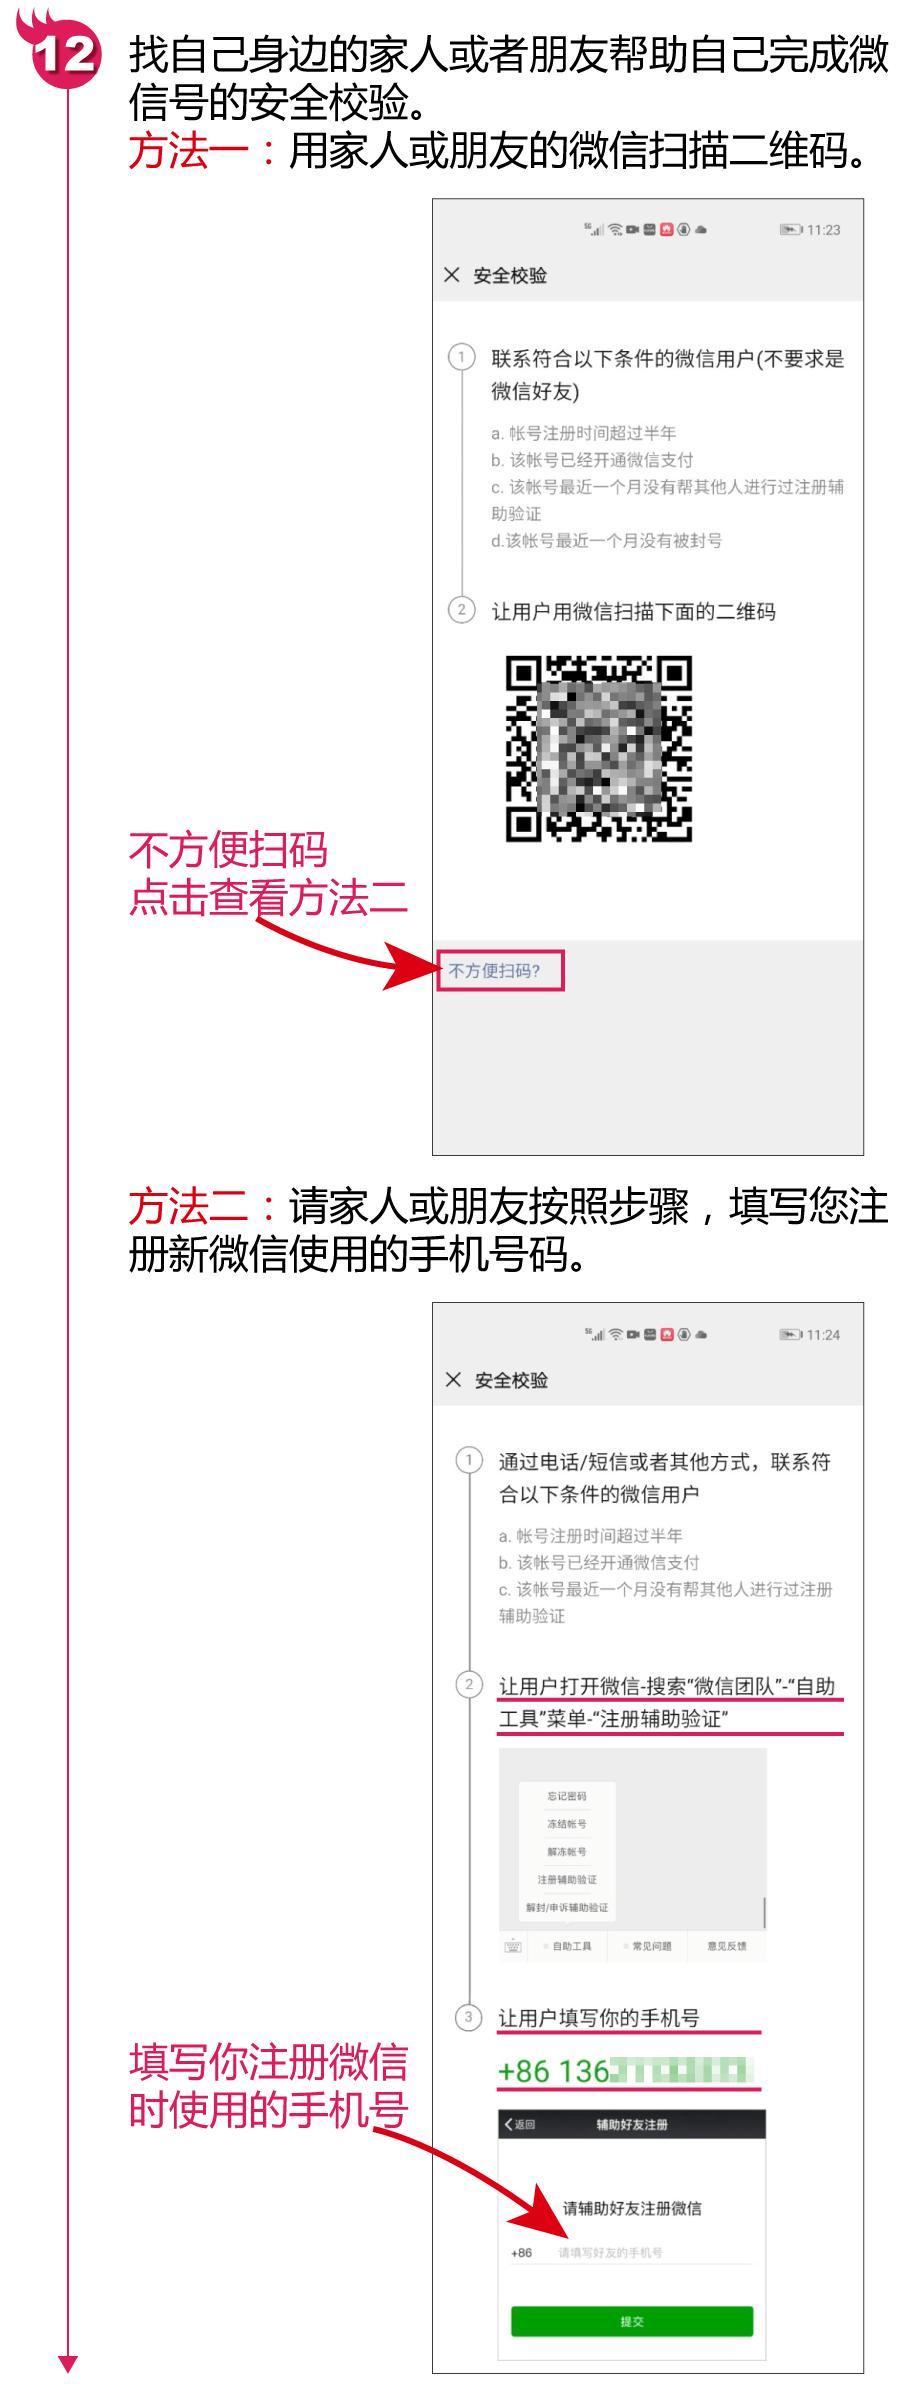 手机号怎么注册微信(如何注册第二个微信号)